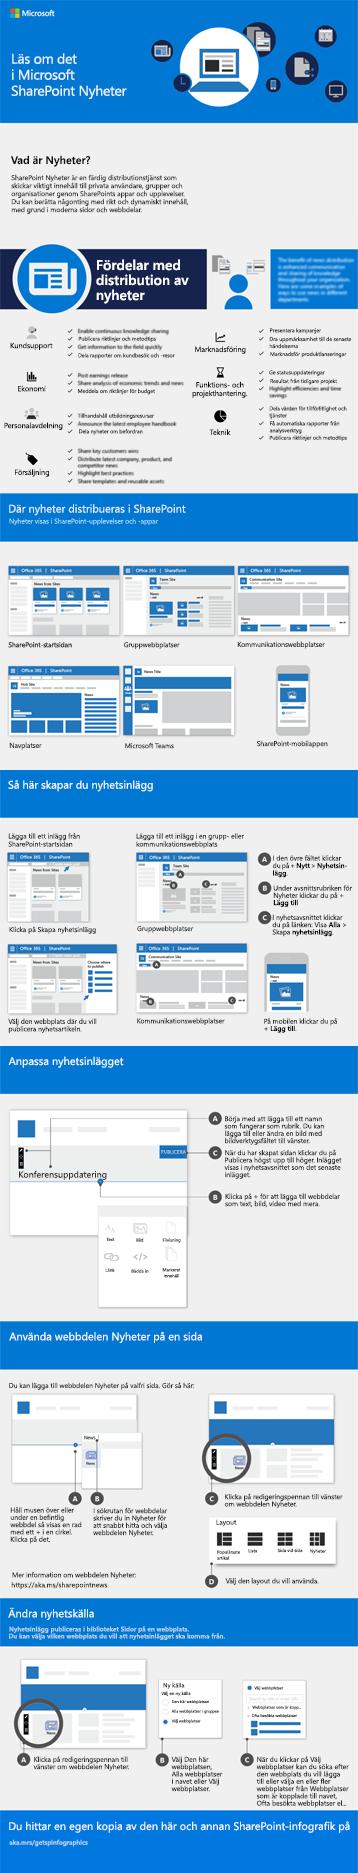 Infografik om SharePoint Nyheter